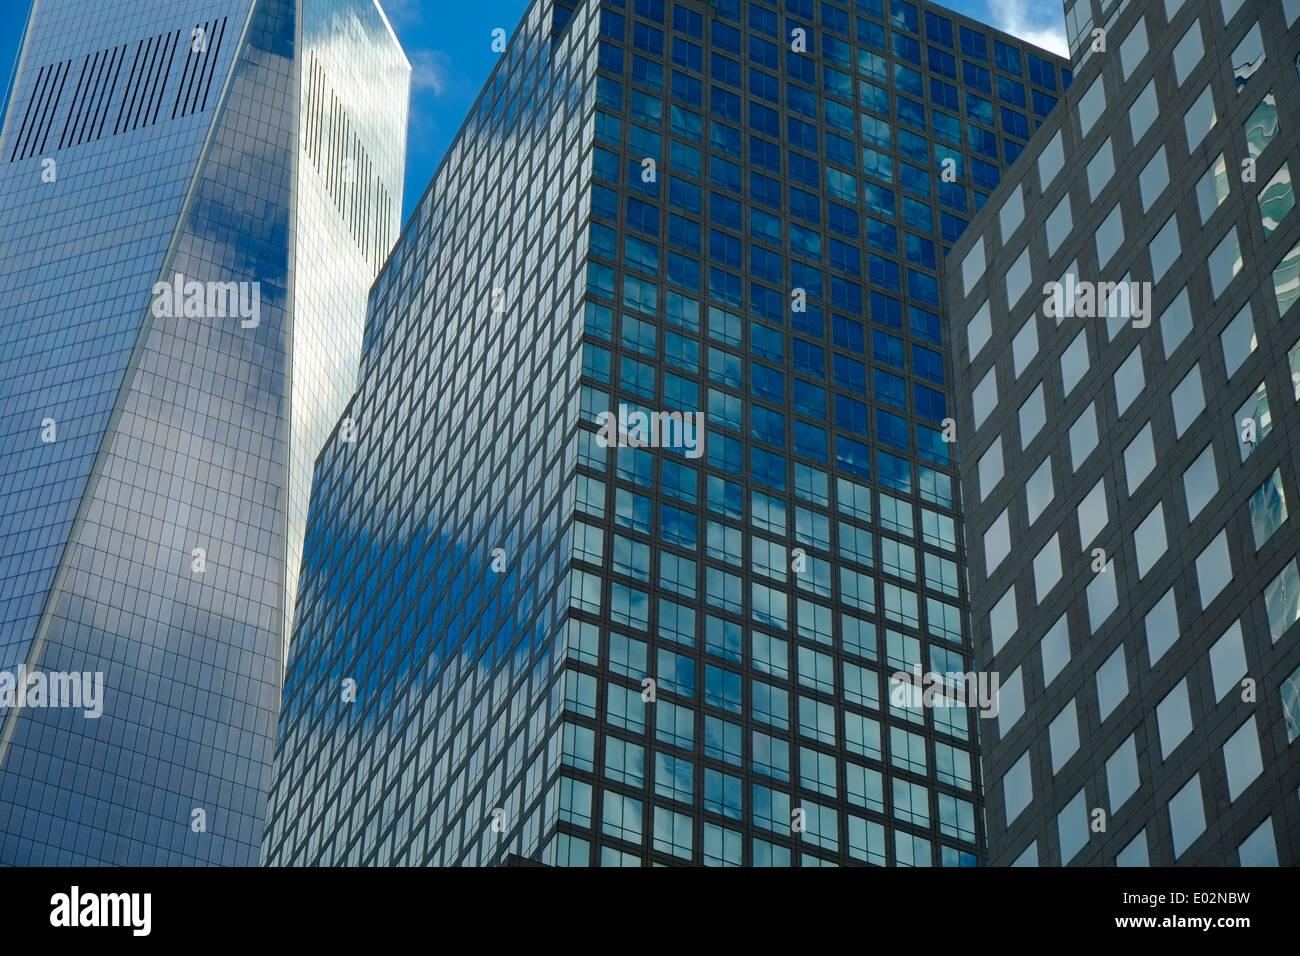 Modernos edificios de oficinas, el distrito financiero de Manhattan, Nueva York Imagen De Stock